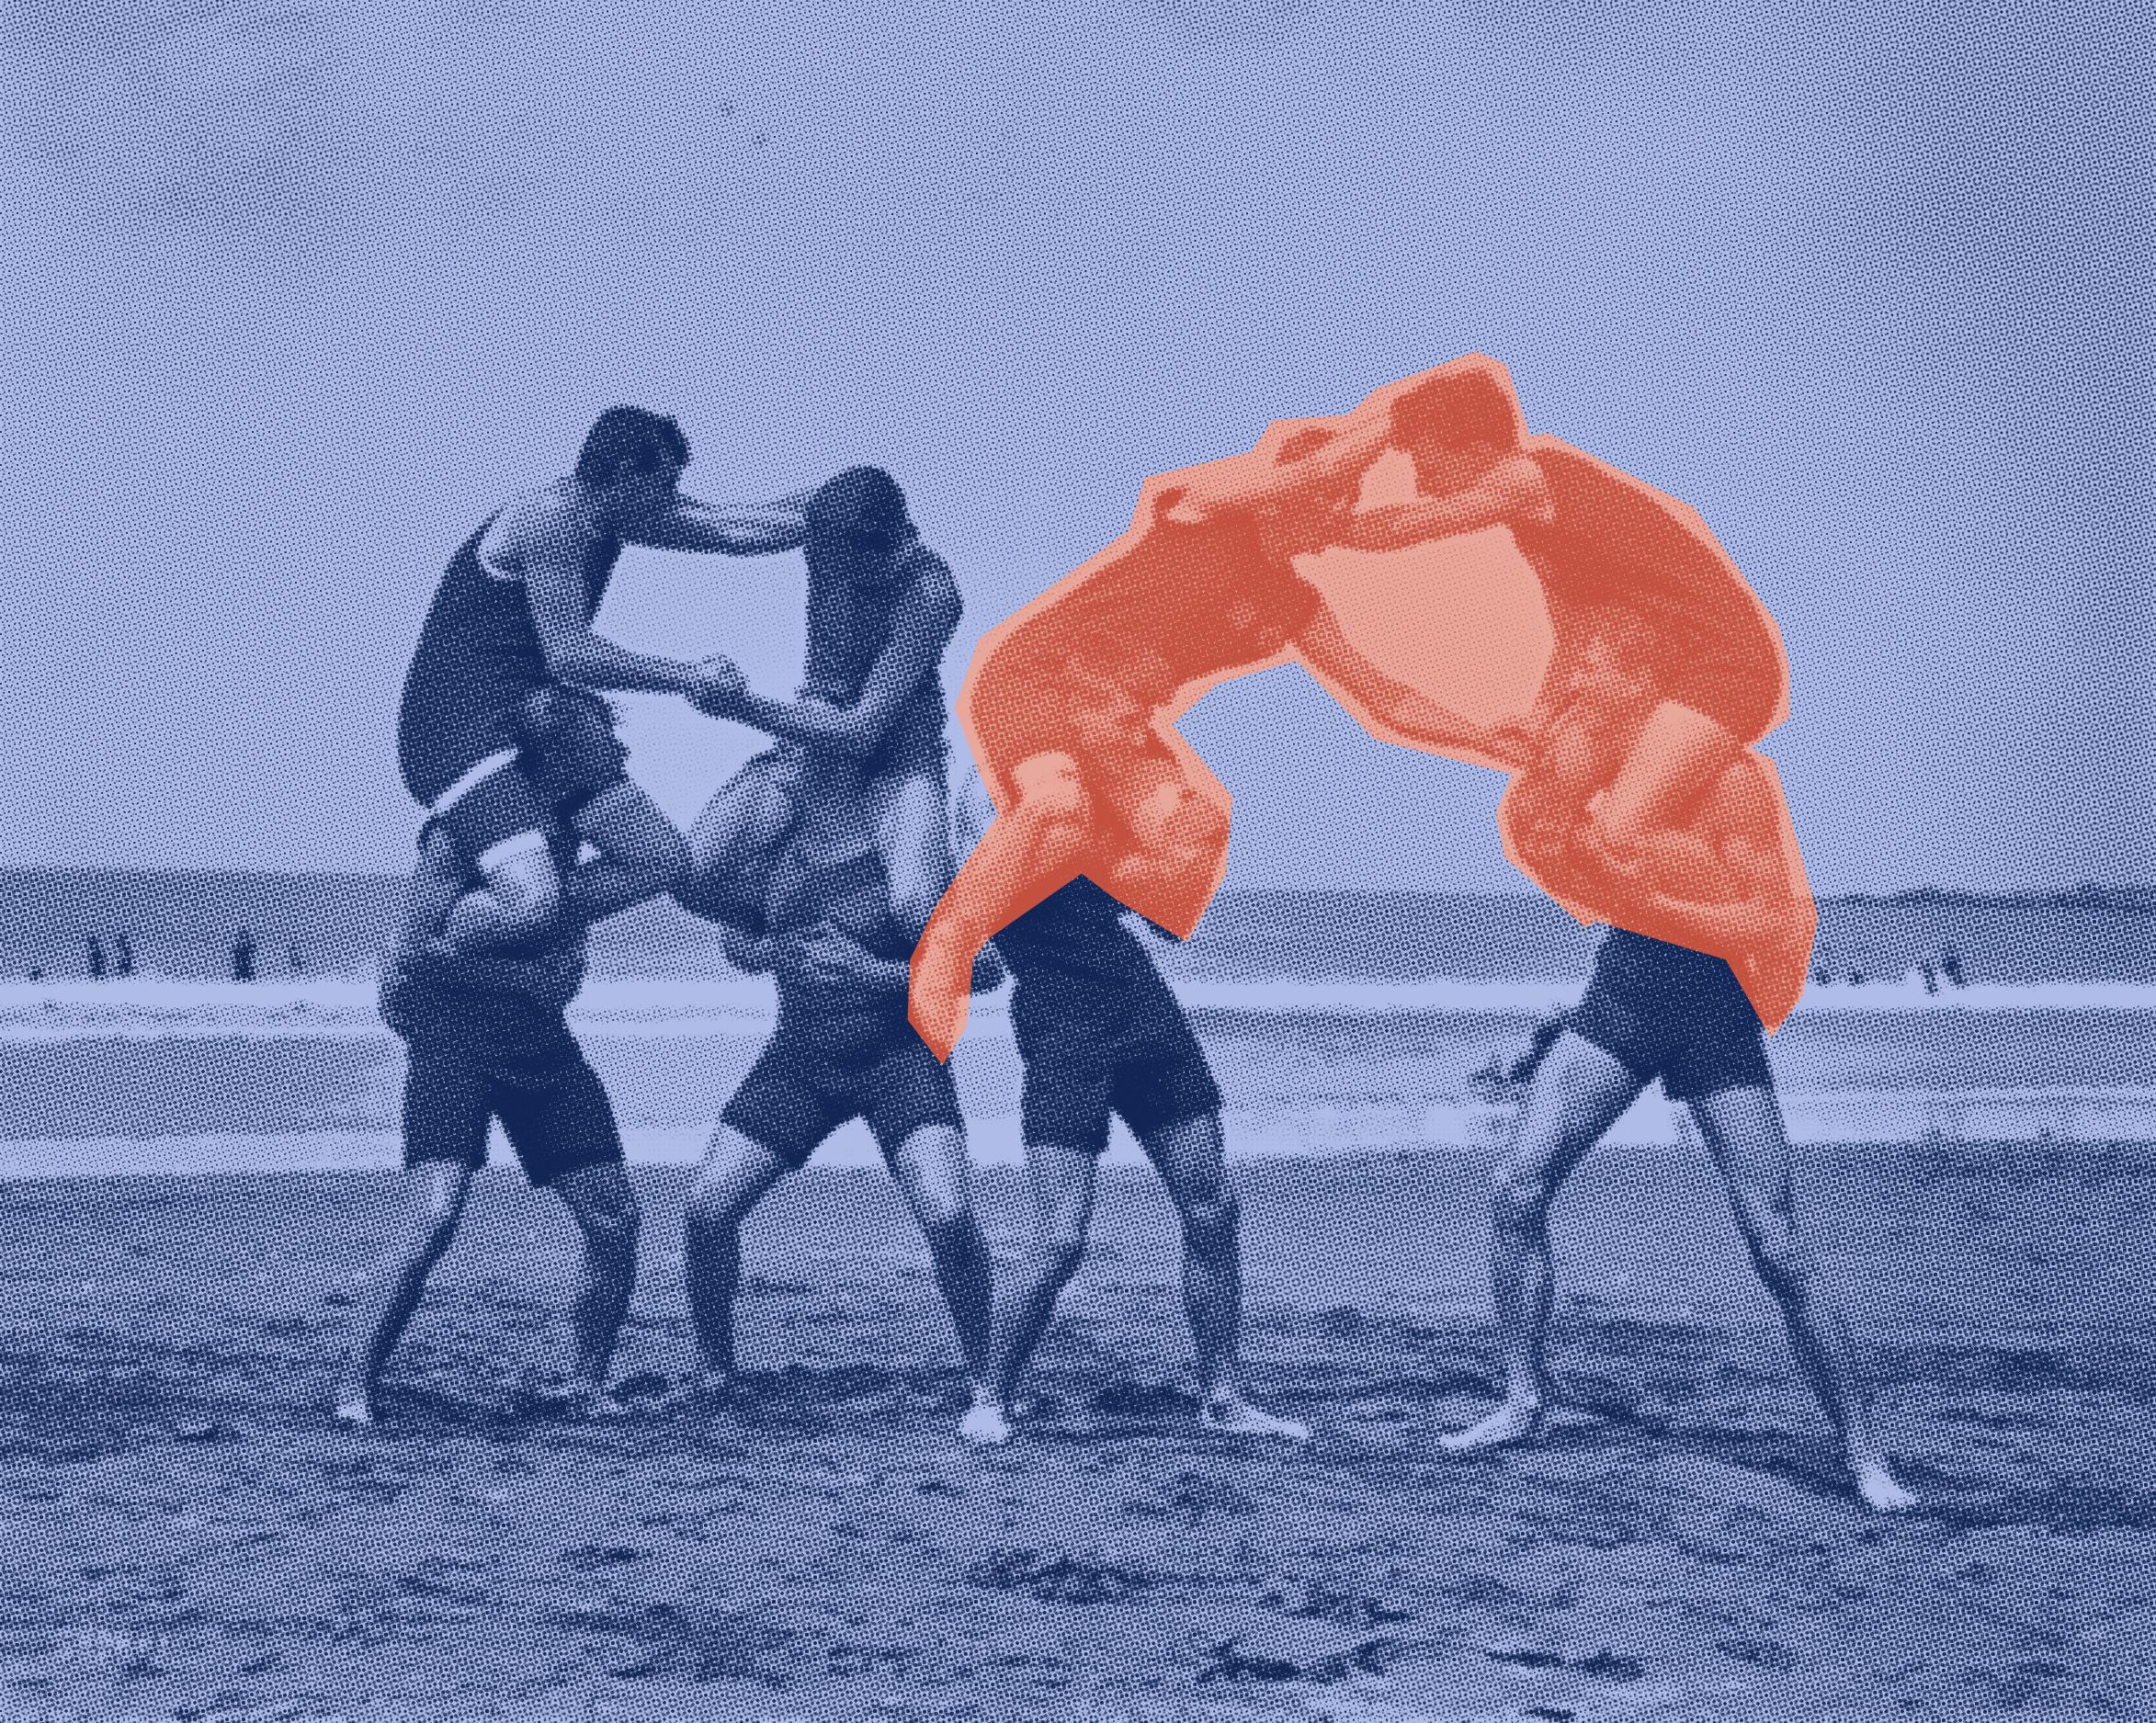 beachGuys1_OG.jpg